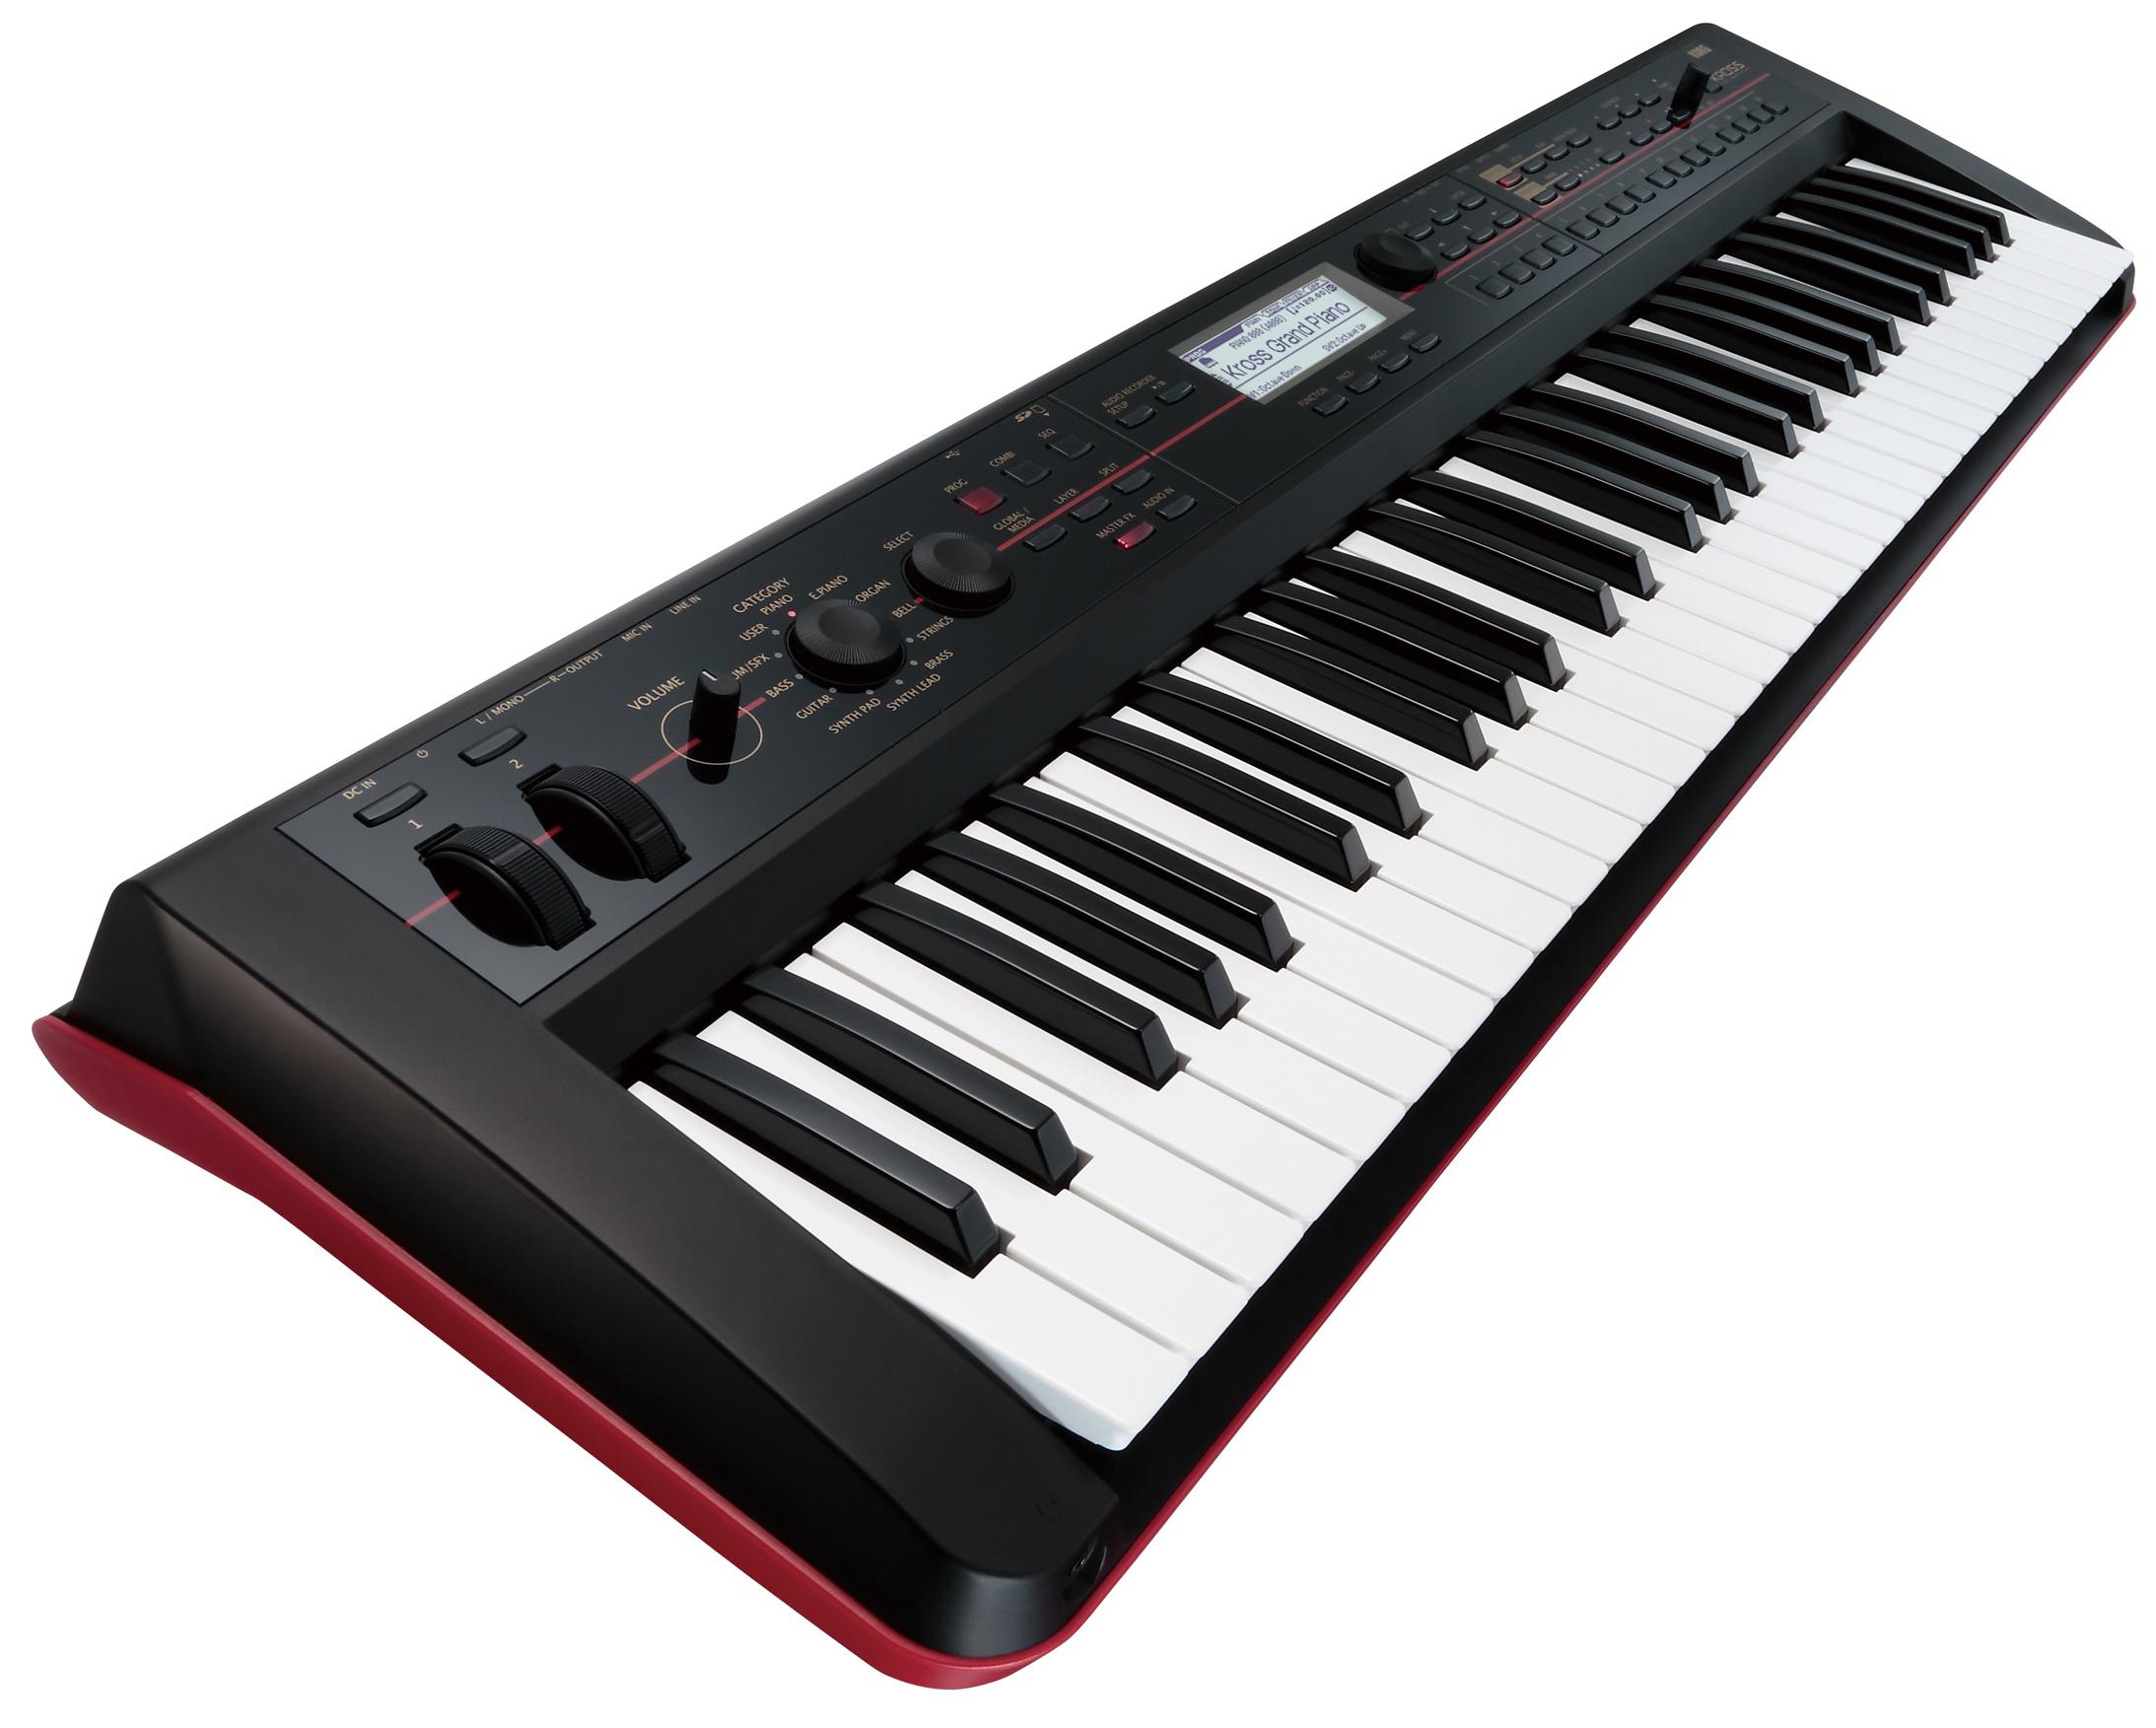 Keyboard Workstation Korg : korg kross61 kross 61 synthesizer workstation keyboard 61 note key sequencer ebay ~ Hamham.info Haus und Dekorationen